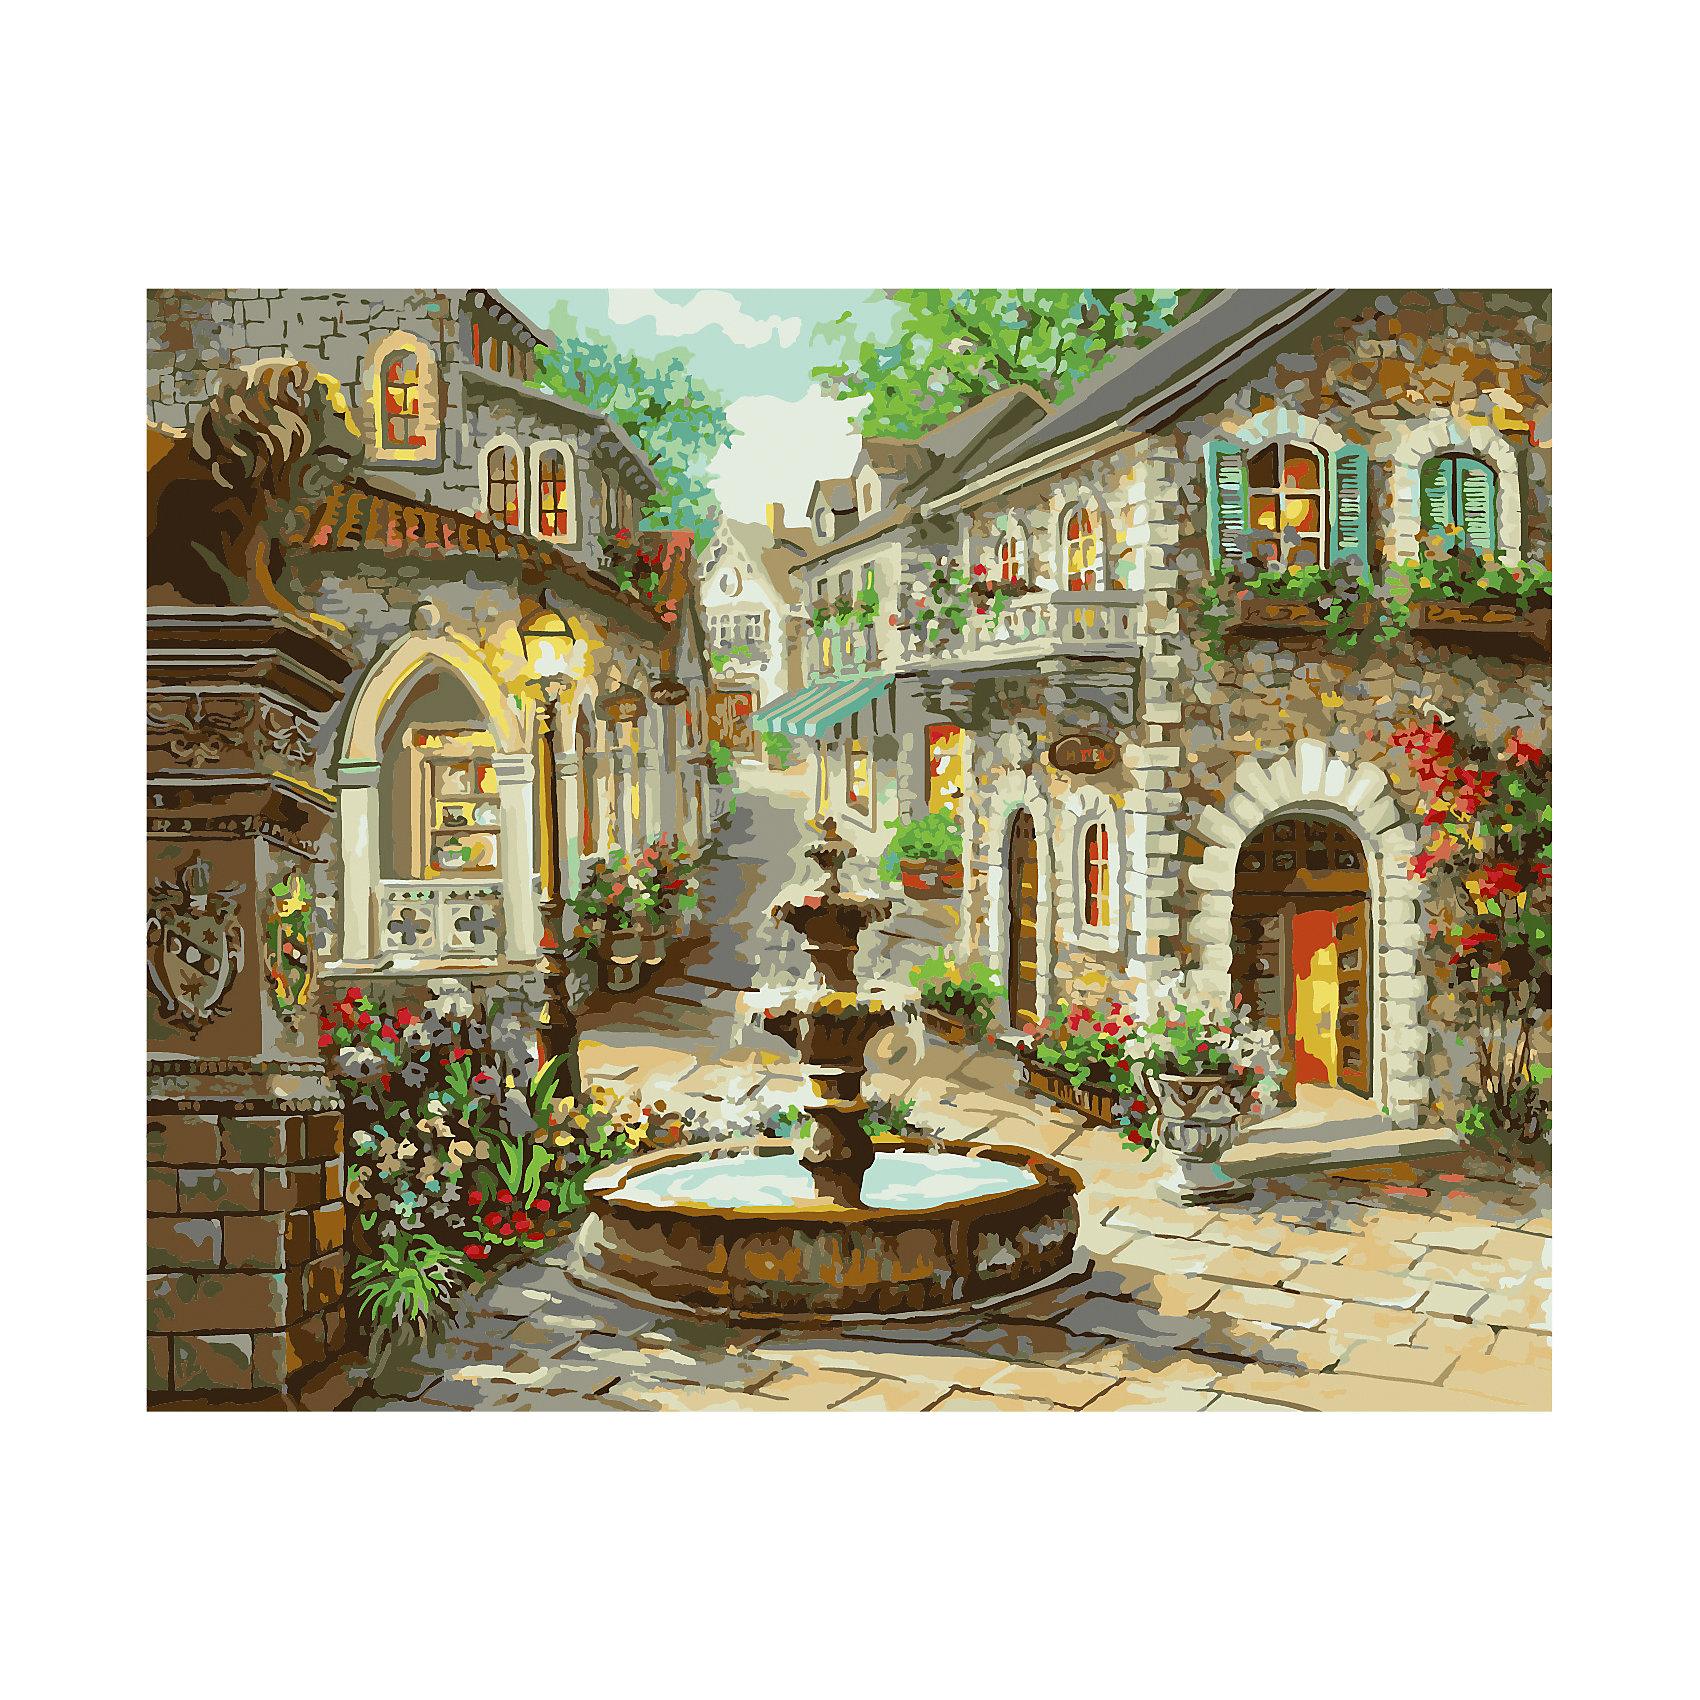 TUKZAR Роспись по номерам Каменный фонтан 0*50 см купить шоколадный фонтан в самаре